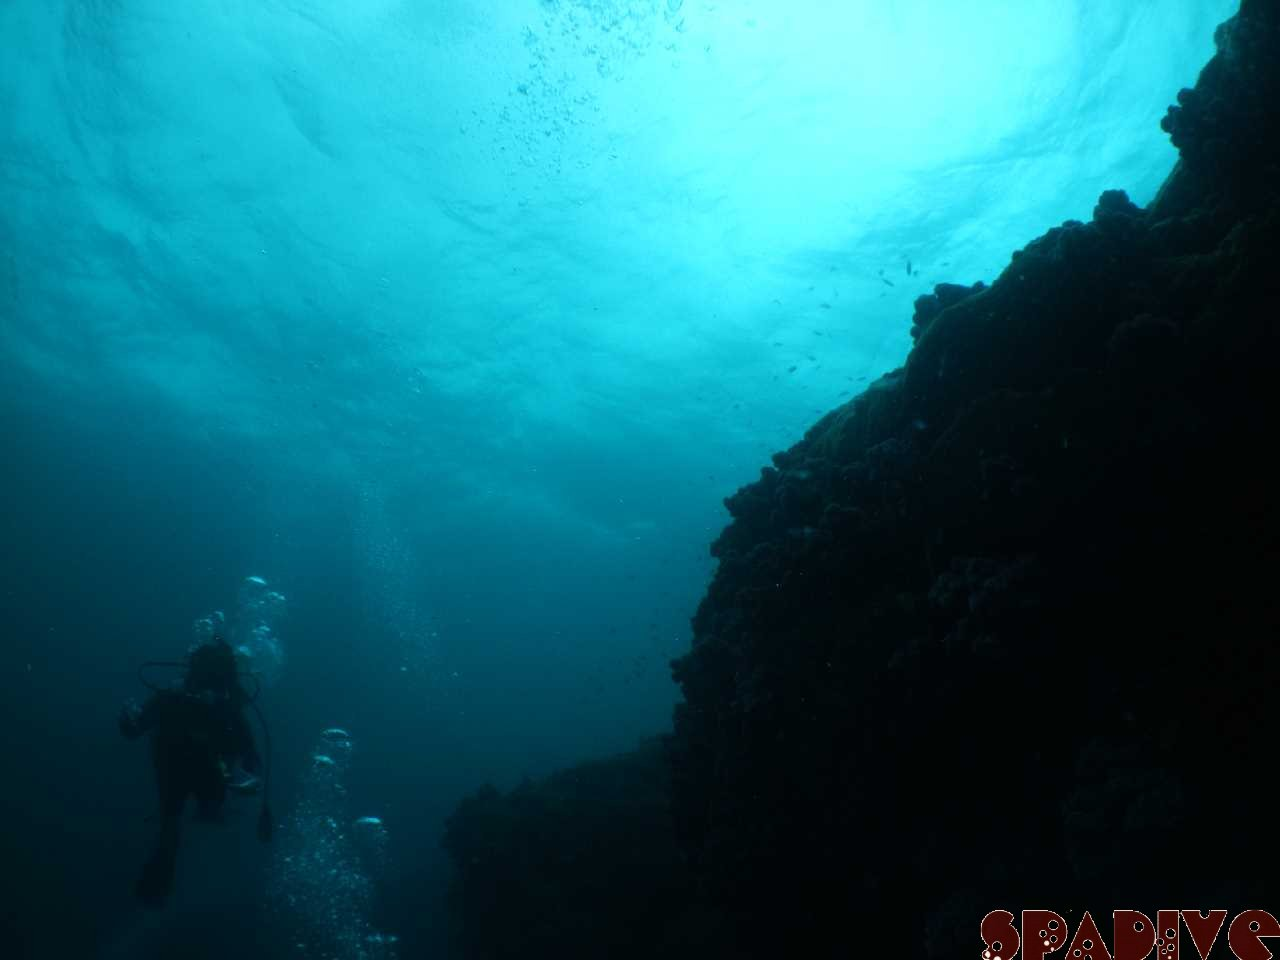 千石丘 沈船 ボートファンダイビング 7/3/2012南紀白浜